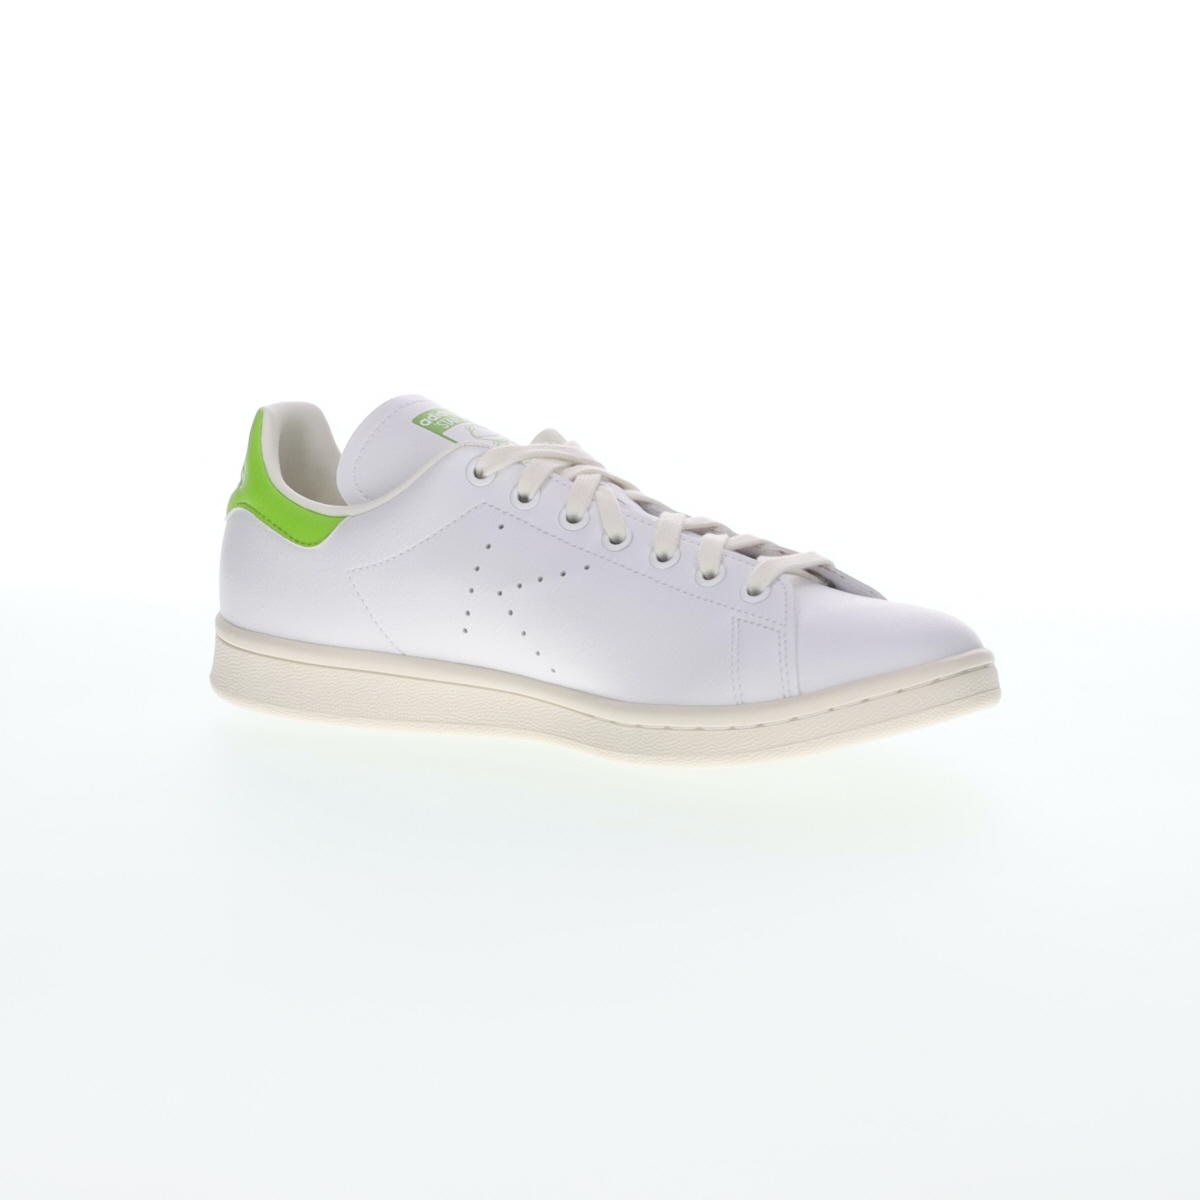 nike hiking shoes acg hybrid grey